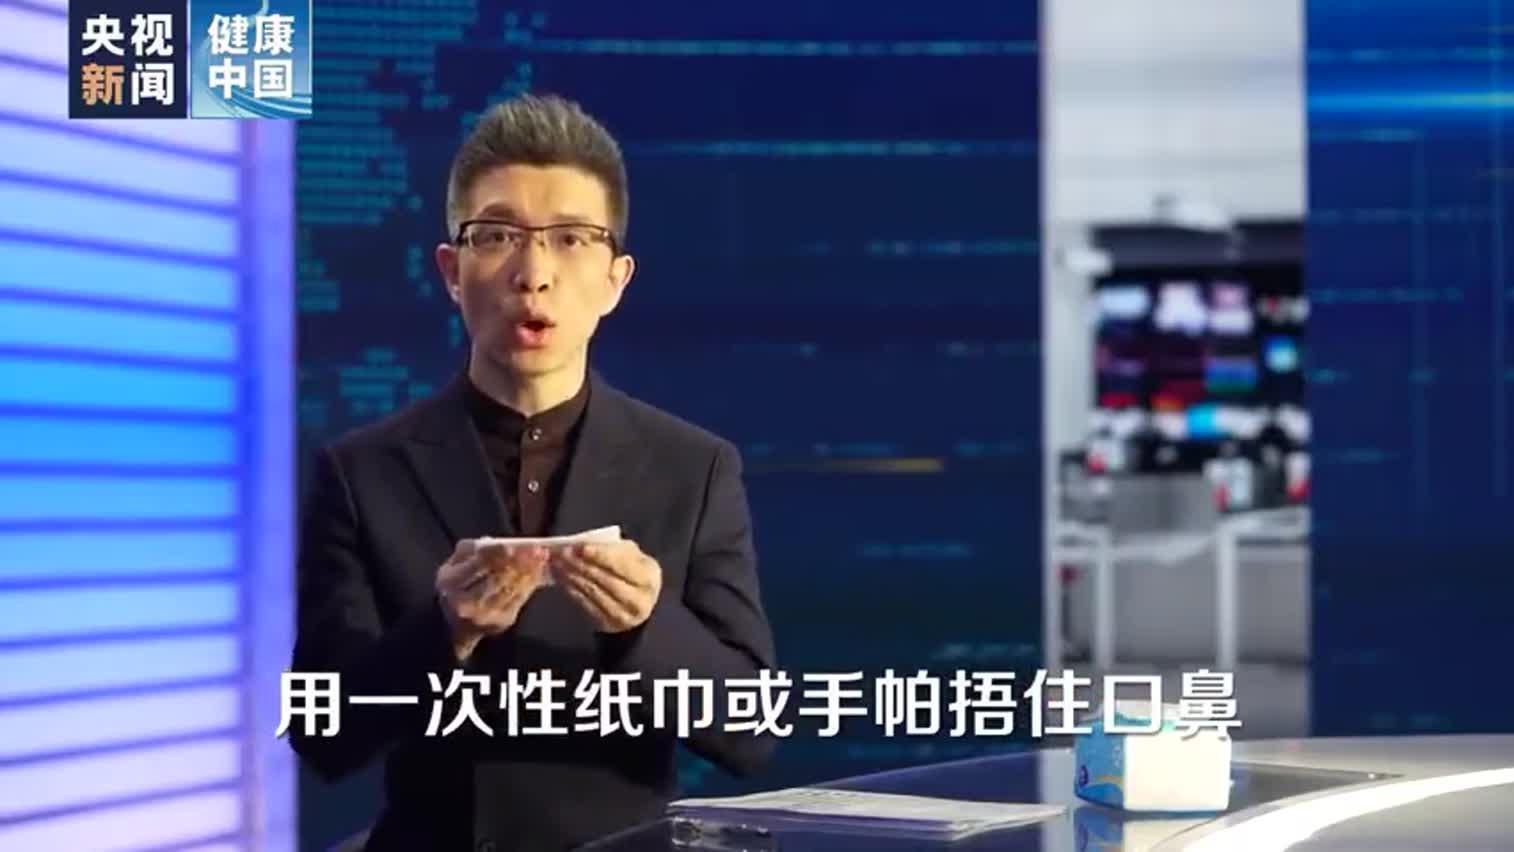 视频-朱广权教你戴口罩洗手的正确姿势